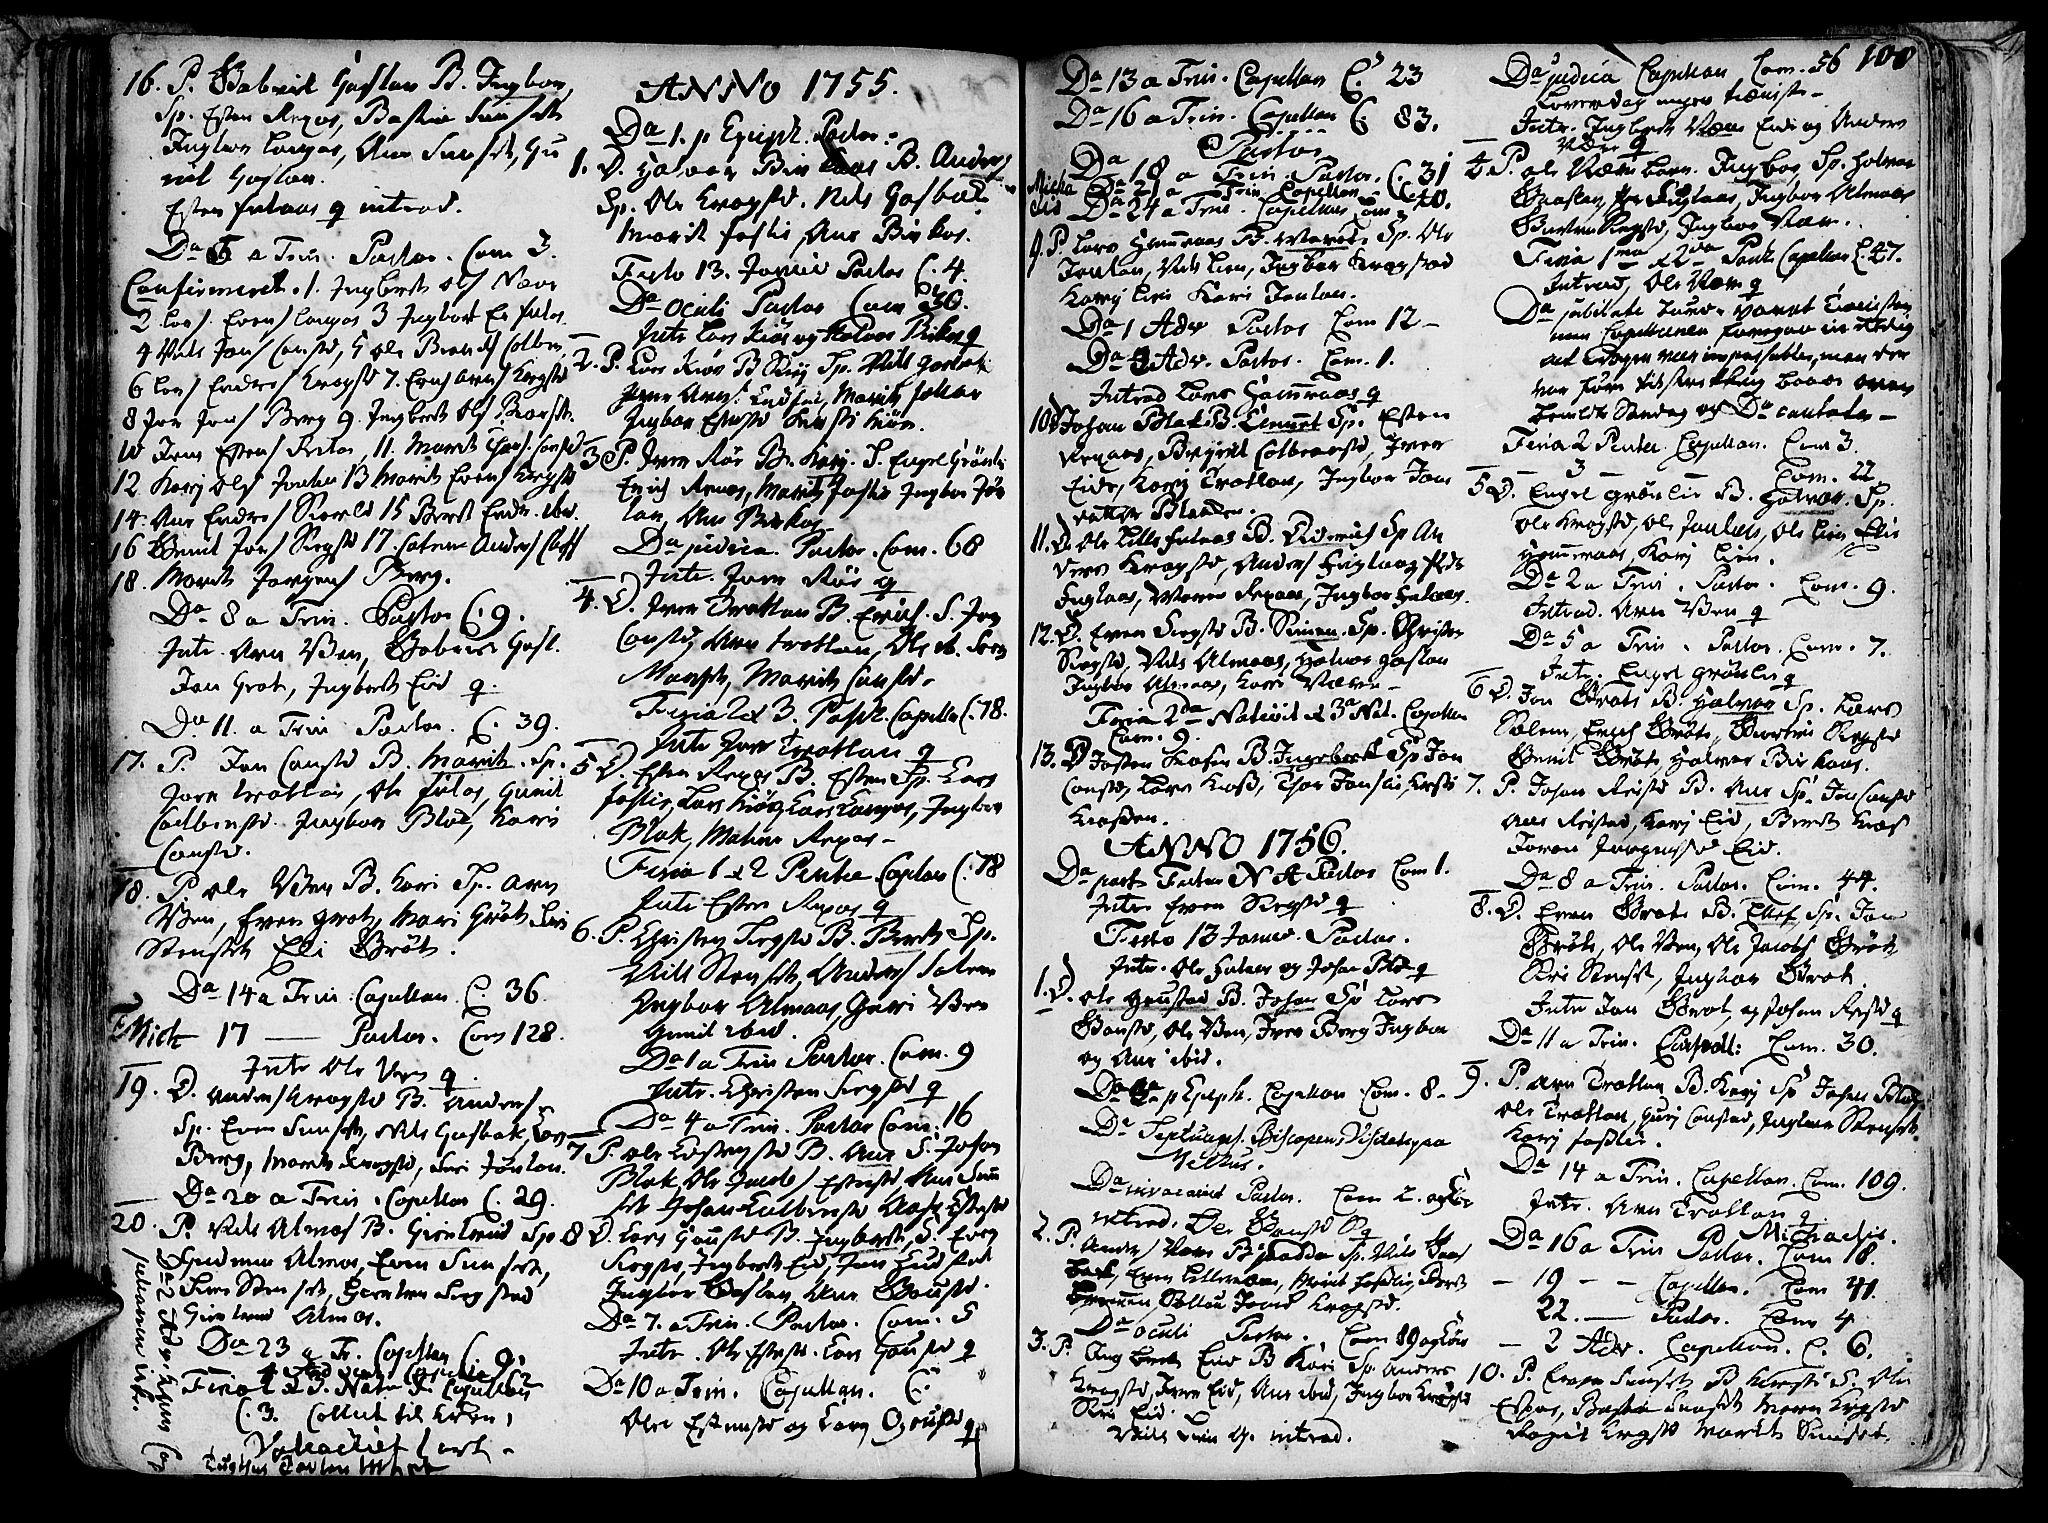 SAT, Ministerialprotokoller, klokkerbøker og fødselsregistre - Sør-Trøndelag, 691/L1060: Ministerialbok nr. 691A01 /4, 1740-1767, s. 108